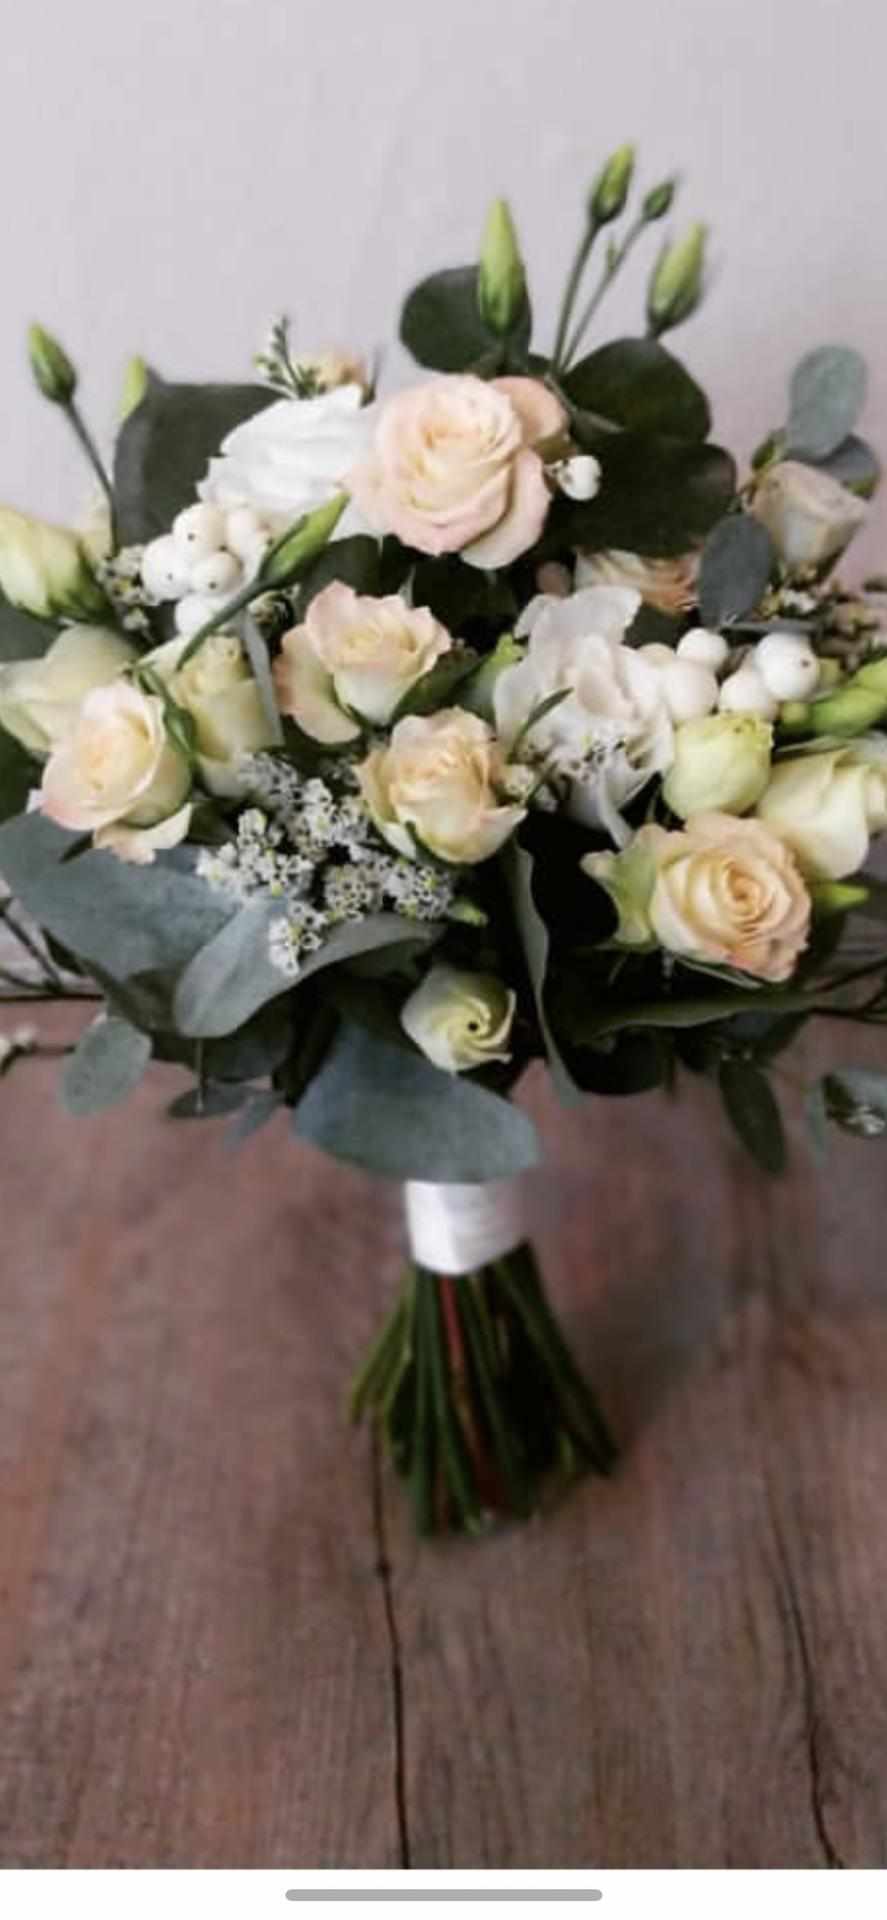 Nabidnete služby floristky na... - Obrázek č. 1